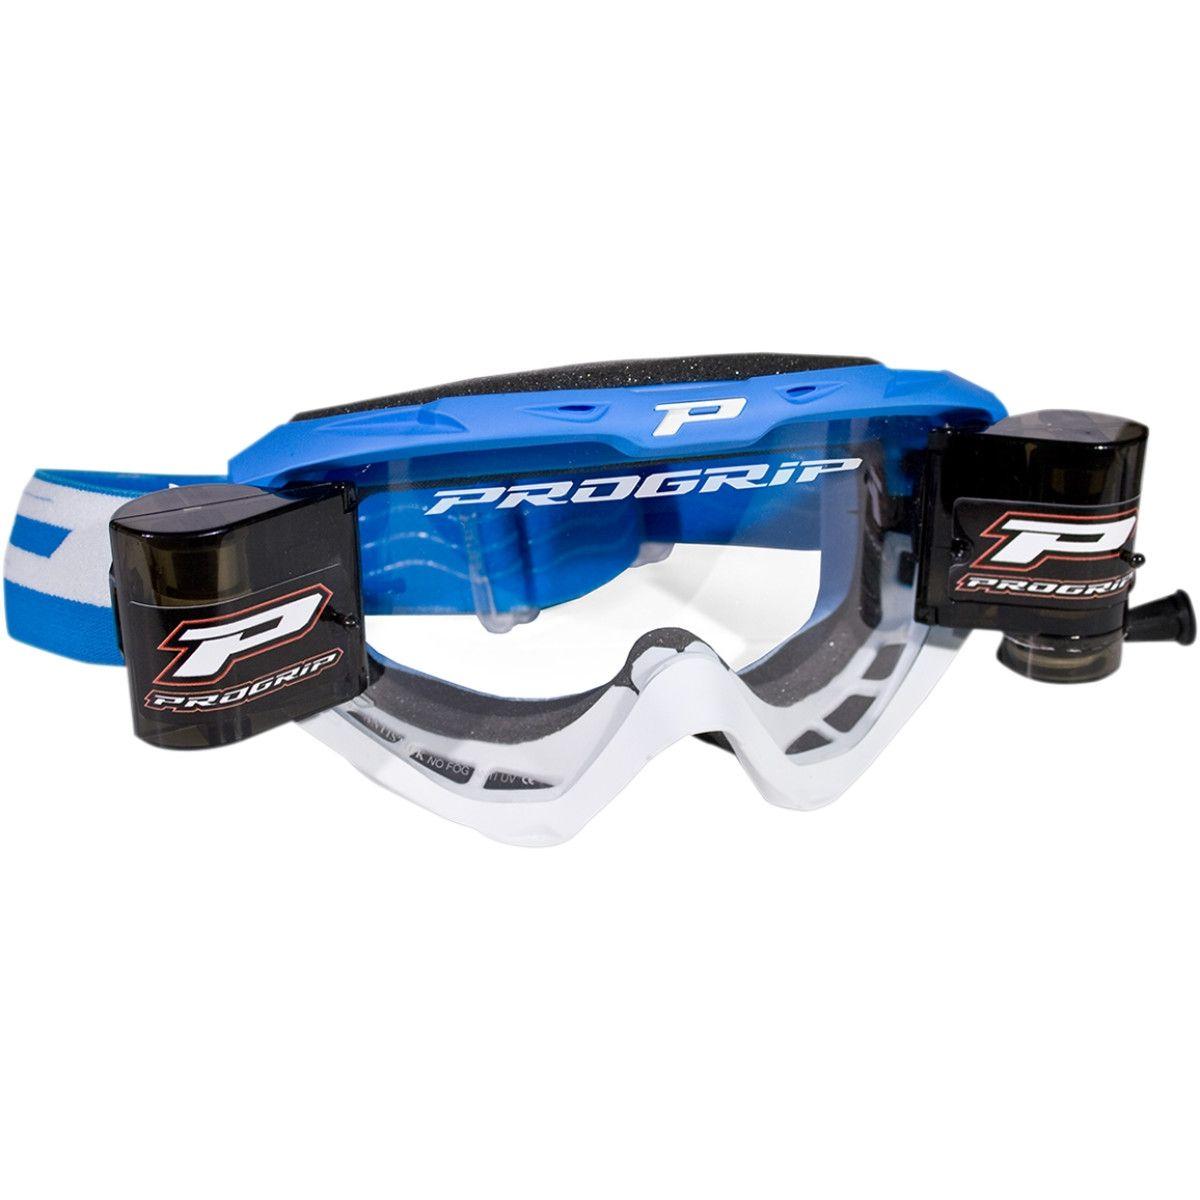 Progrip Crossbril 3450 Roll-Off blauw/wit